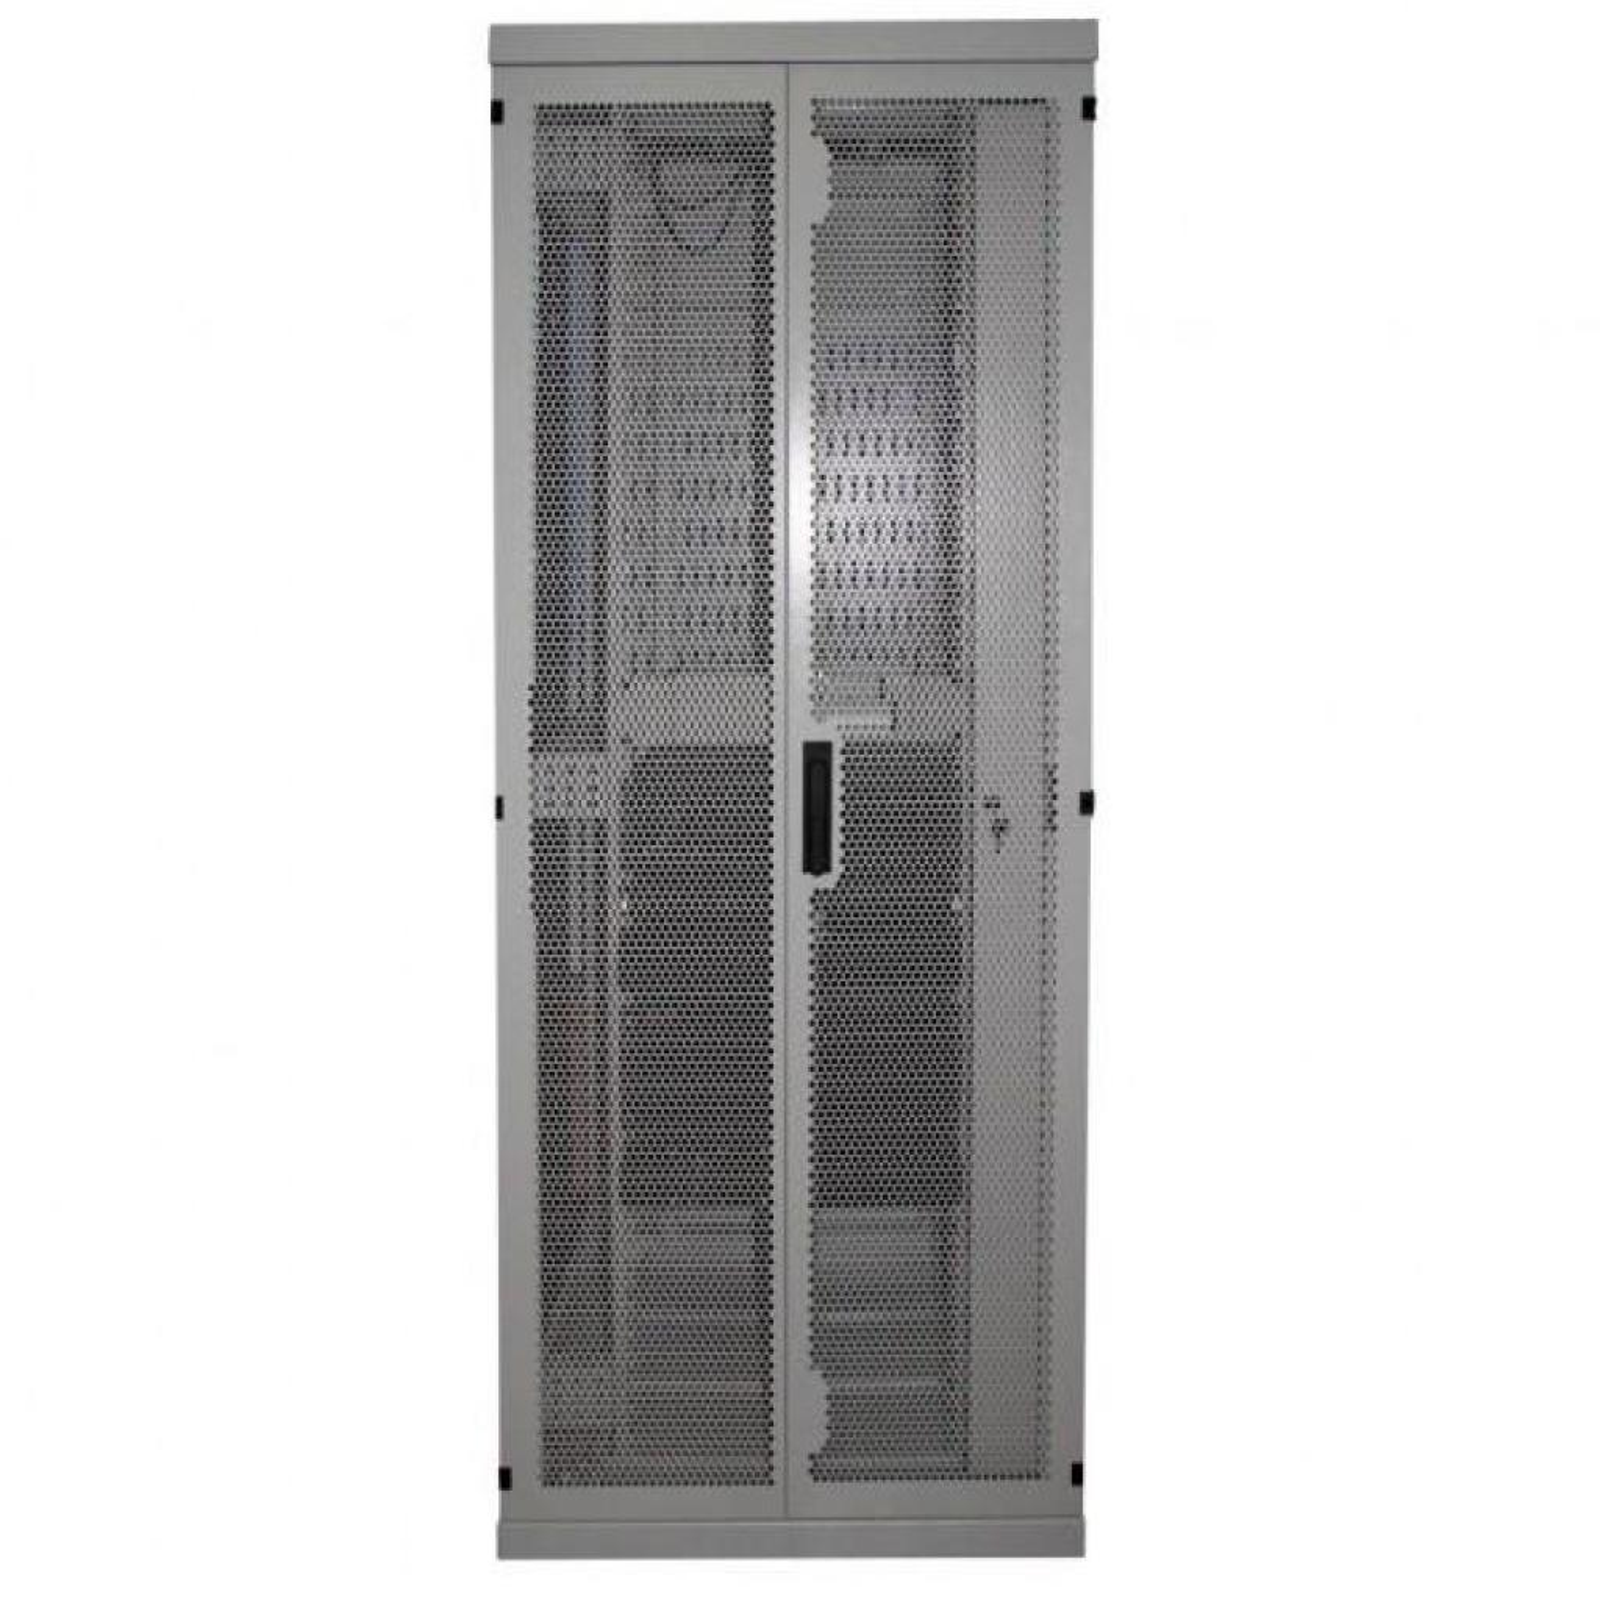 Шкаф напольный CSV 42U Rackmount S 800x1200 Acrylic